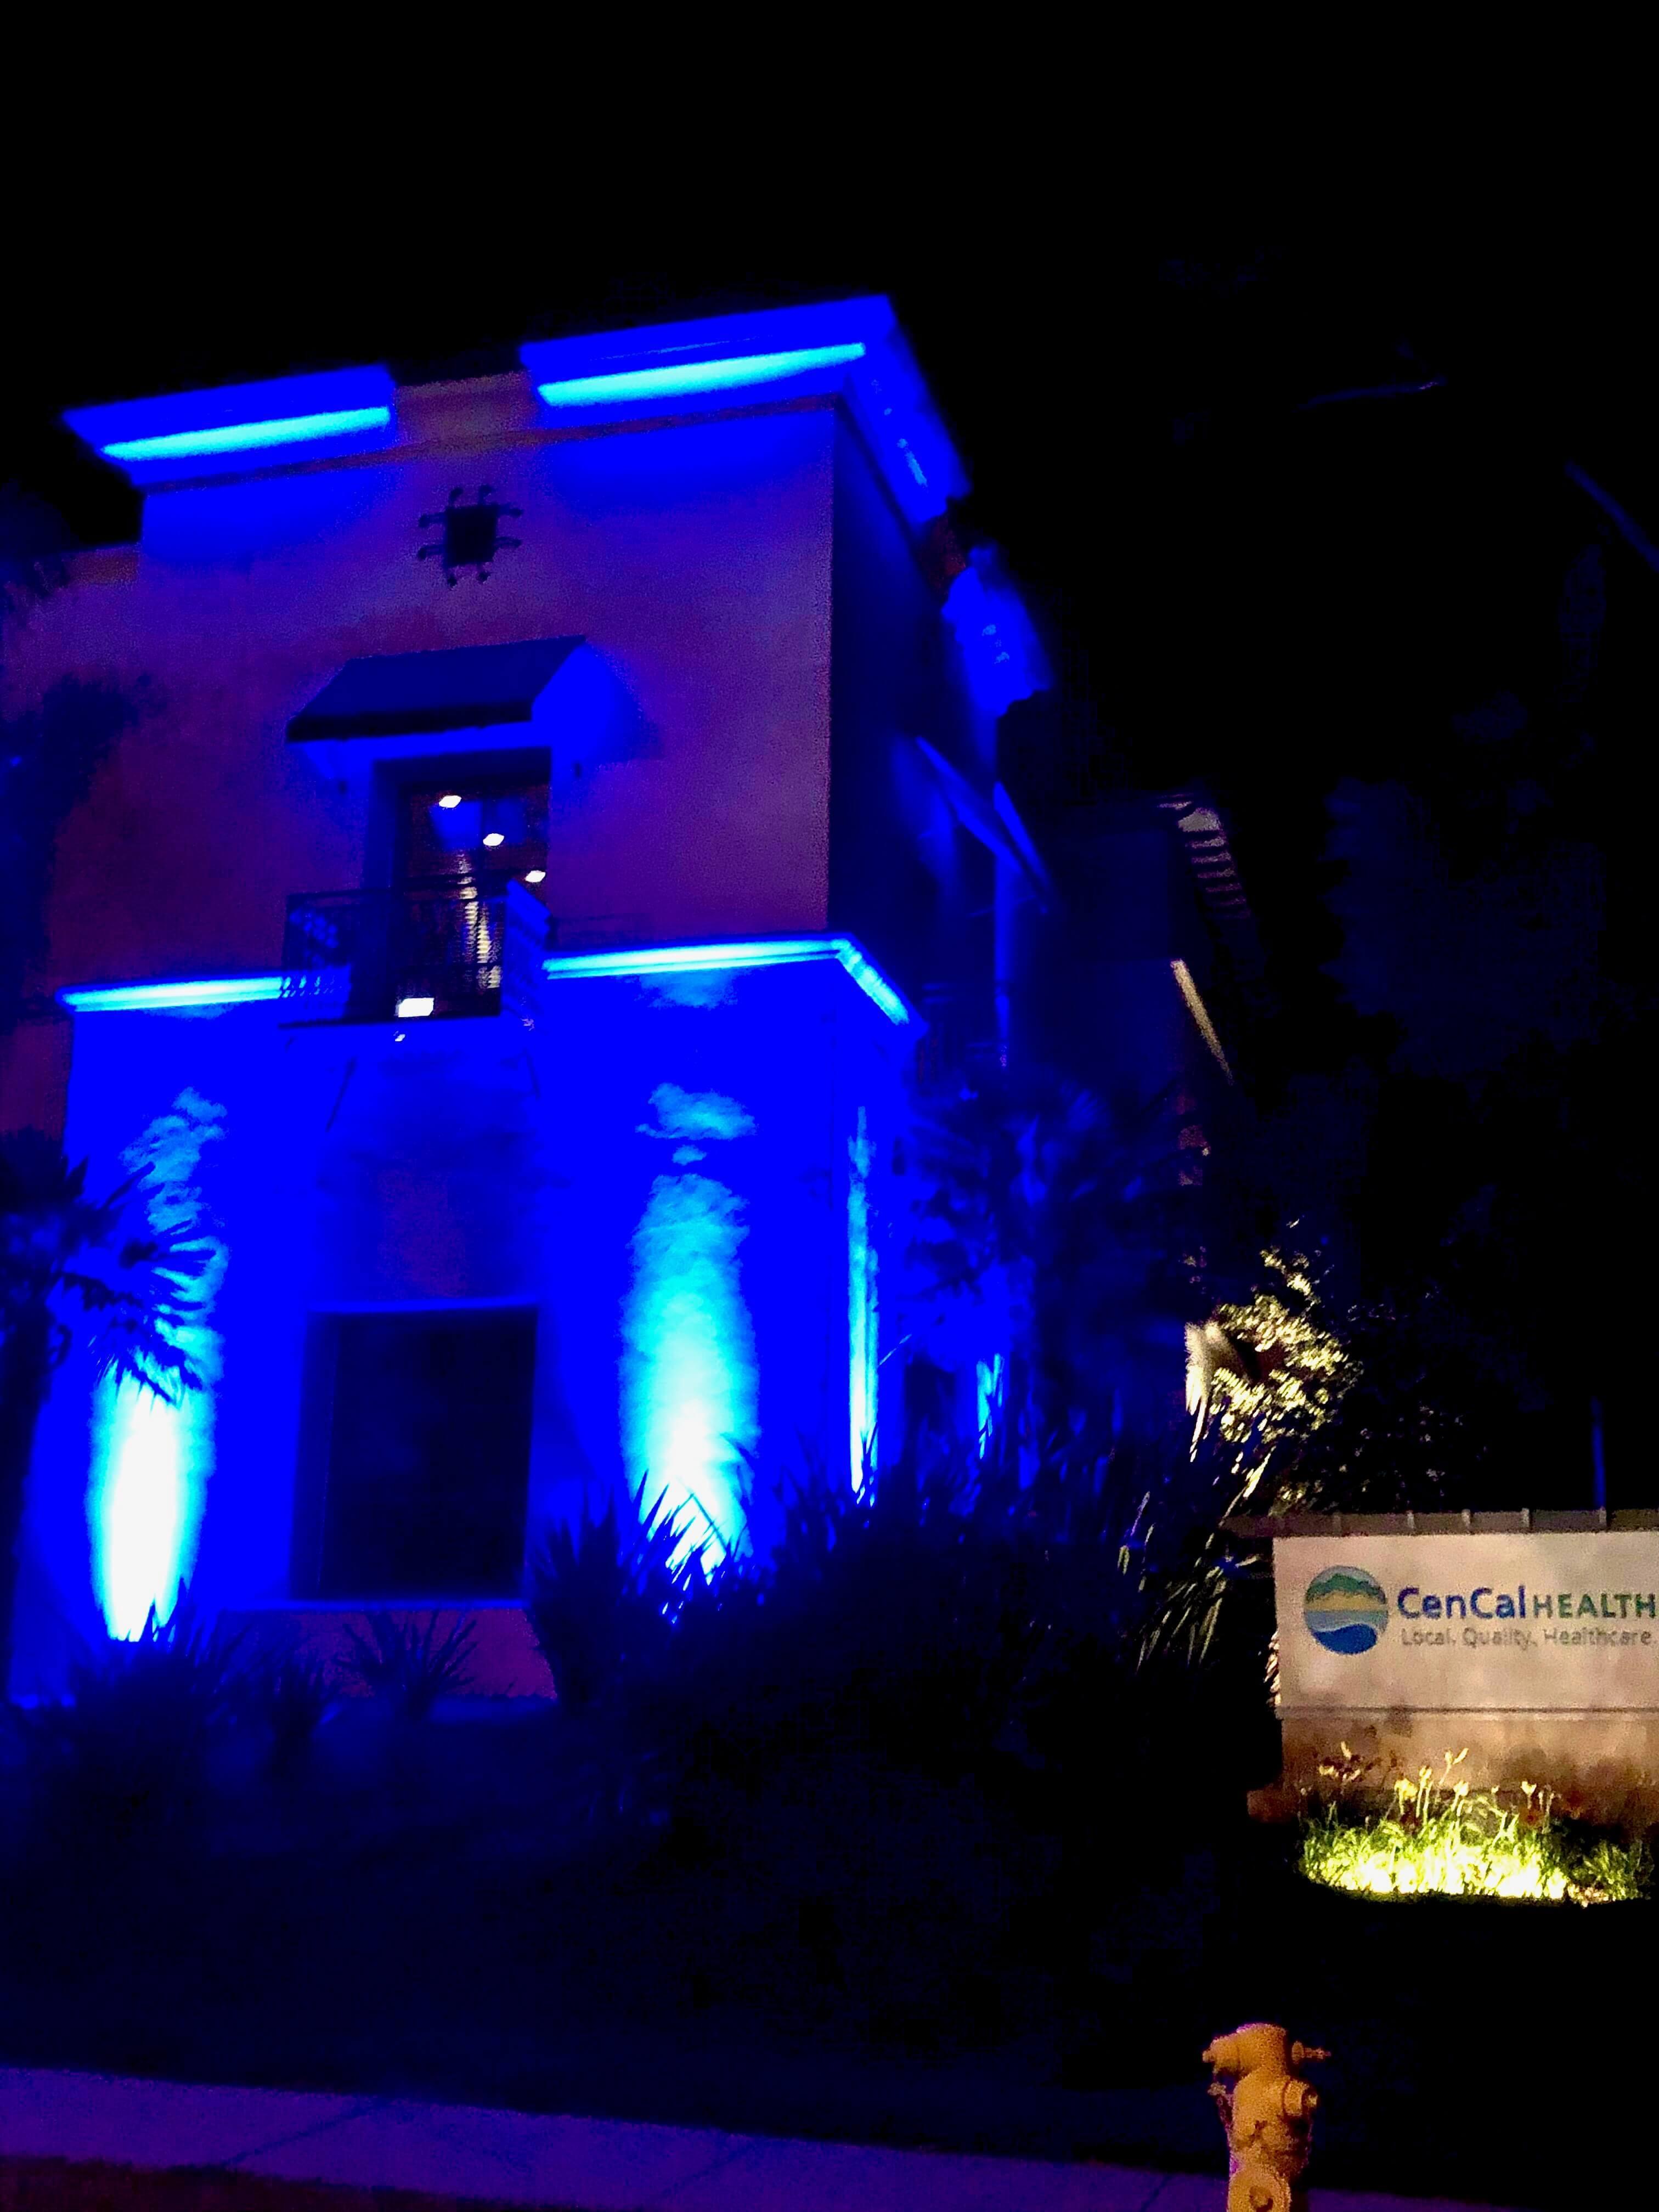 CenCal building lit up